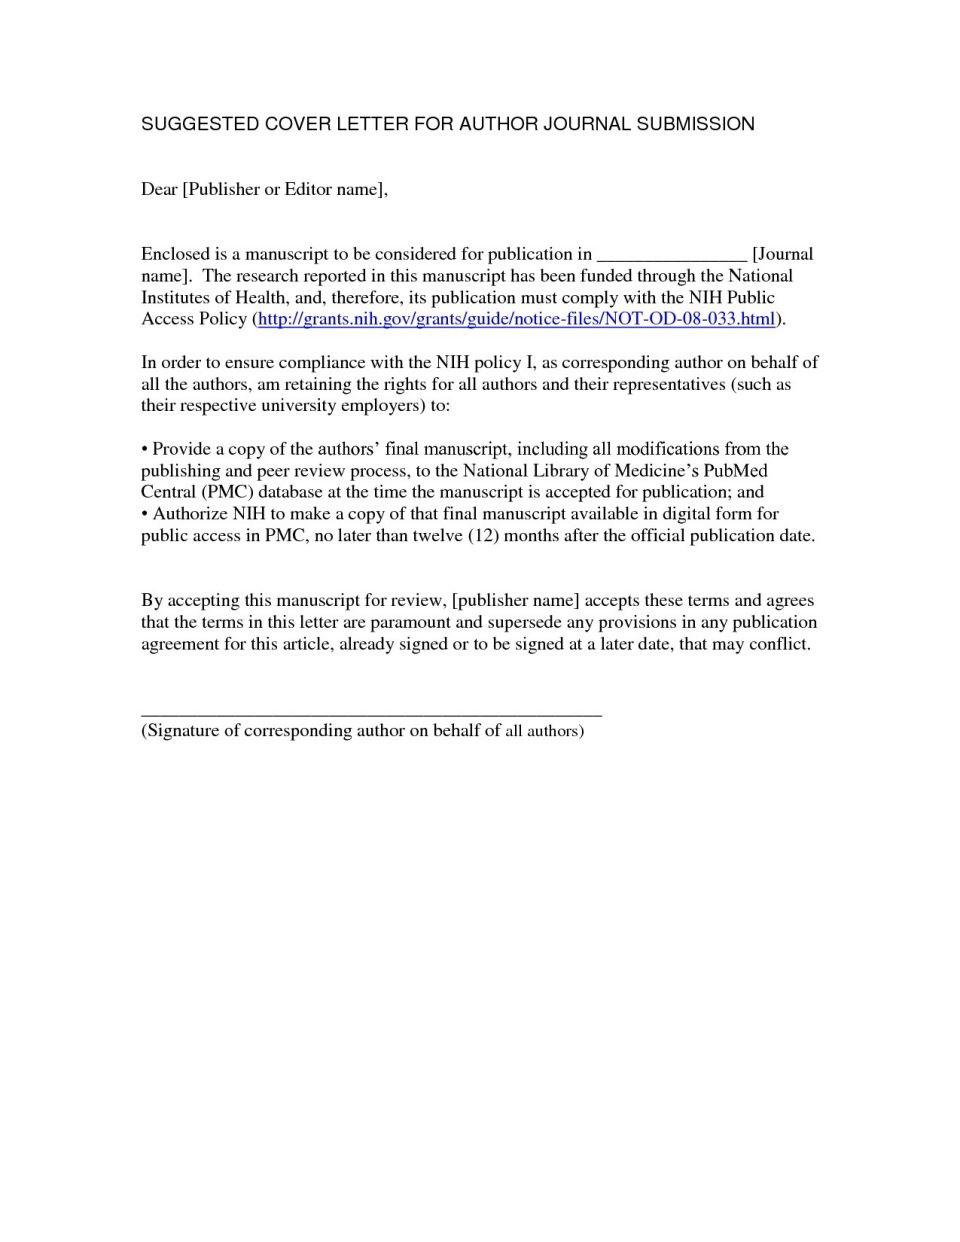 401k Hardship Letter Template - Sample Hardship Letter for Loan Modification Best Example